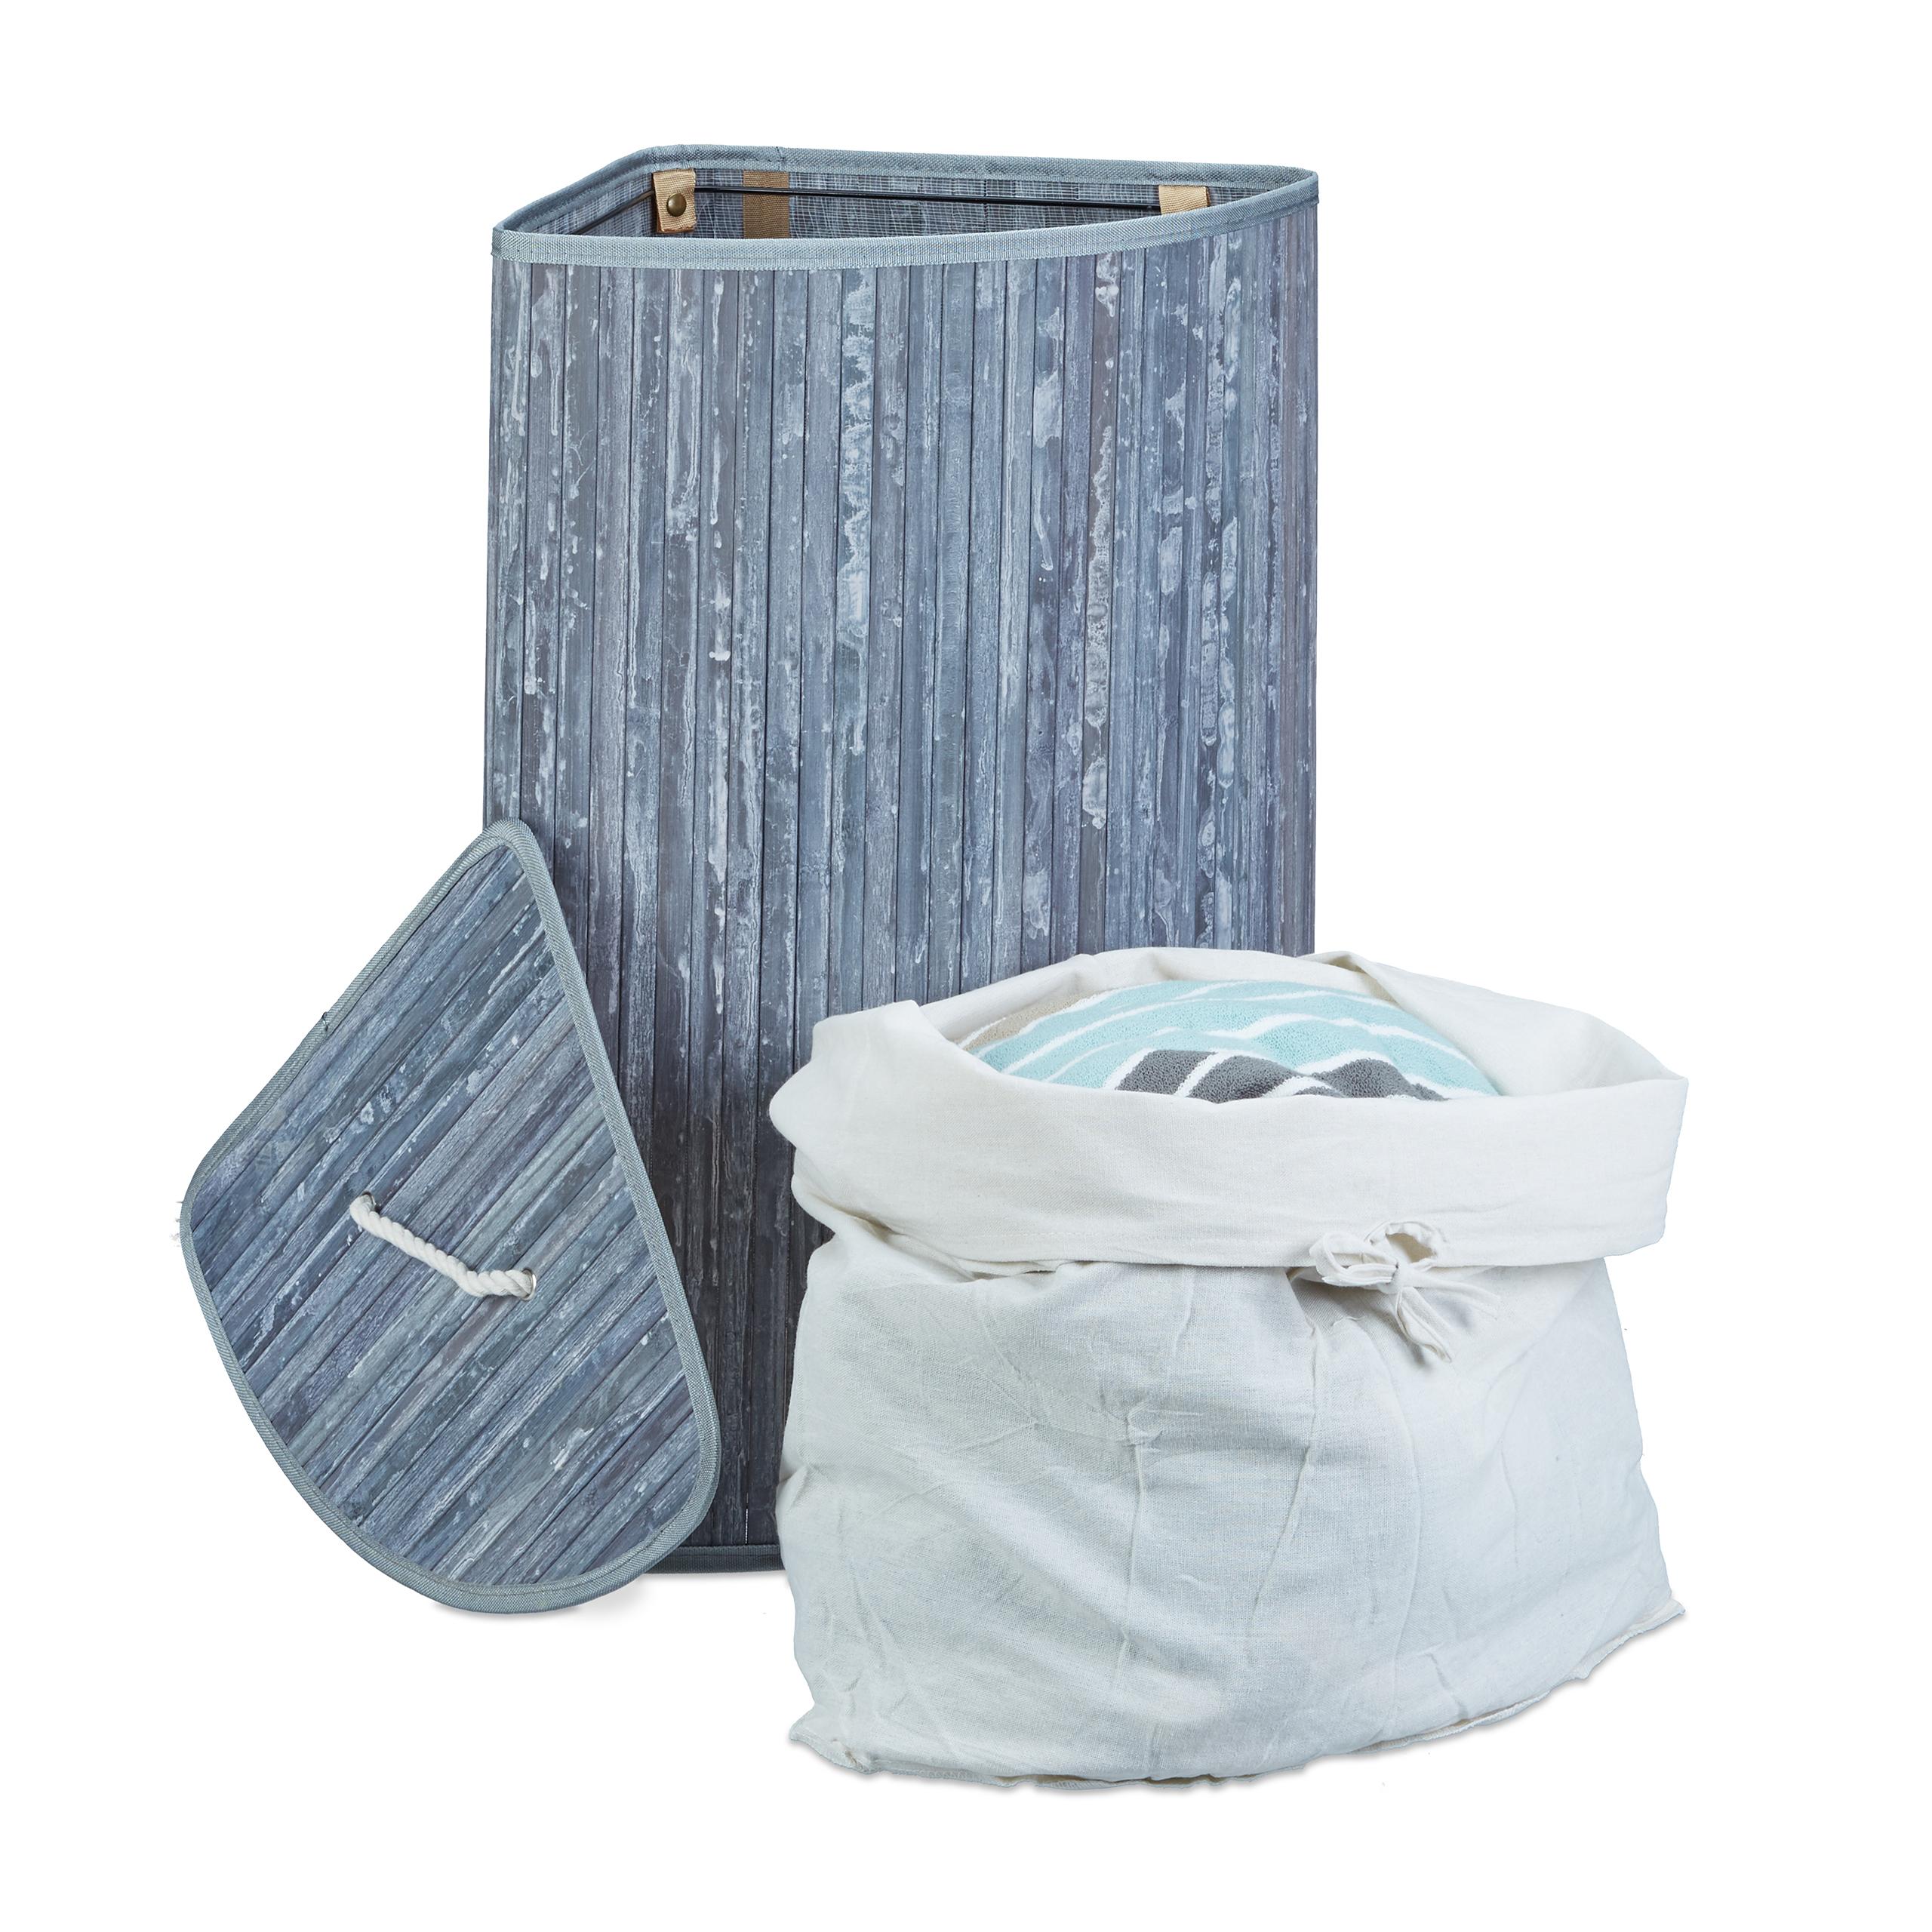 Eck-Wäschekorb Bambus faltbar 65cm hoch Wäschetruhe eckig 5 Farben Wäschebox